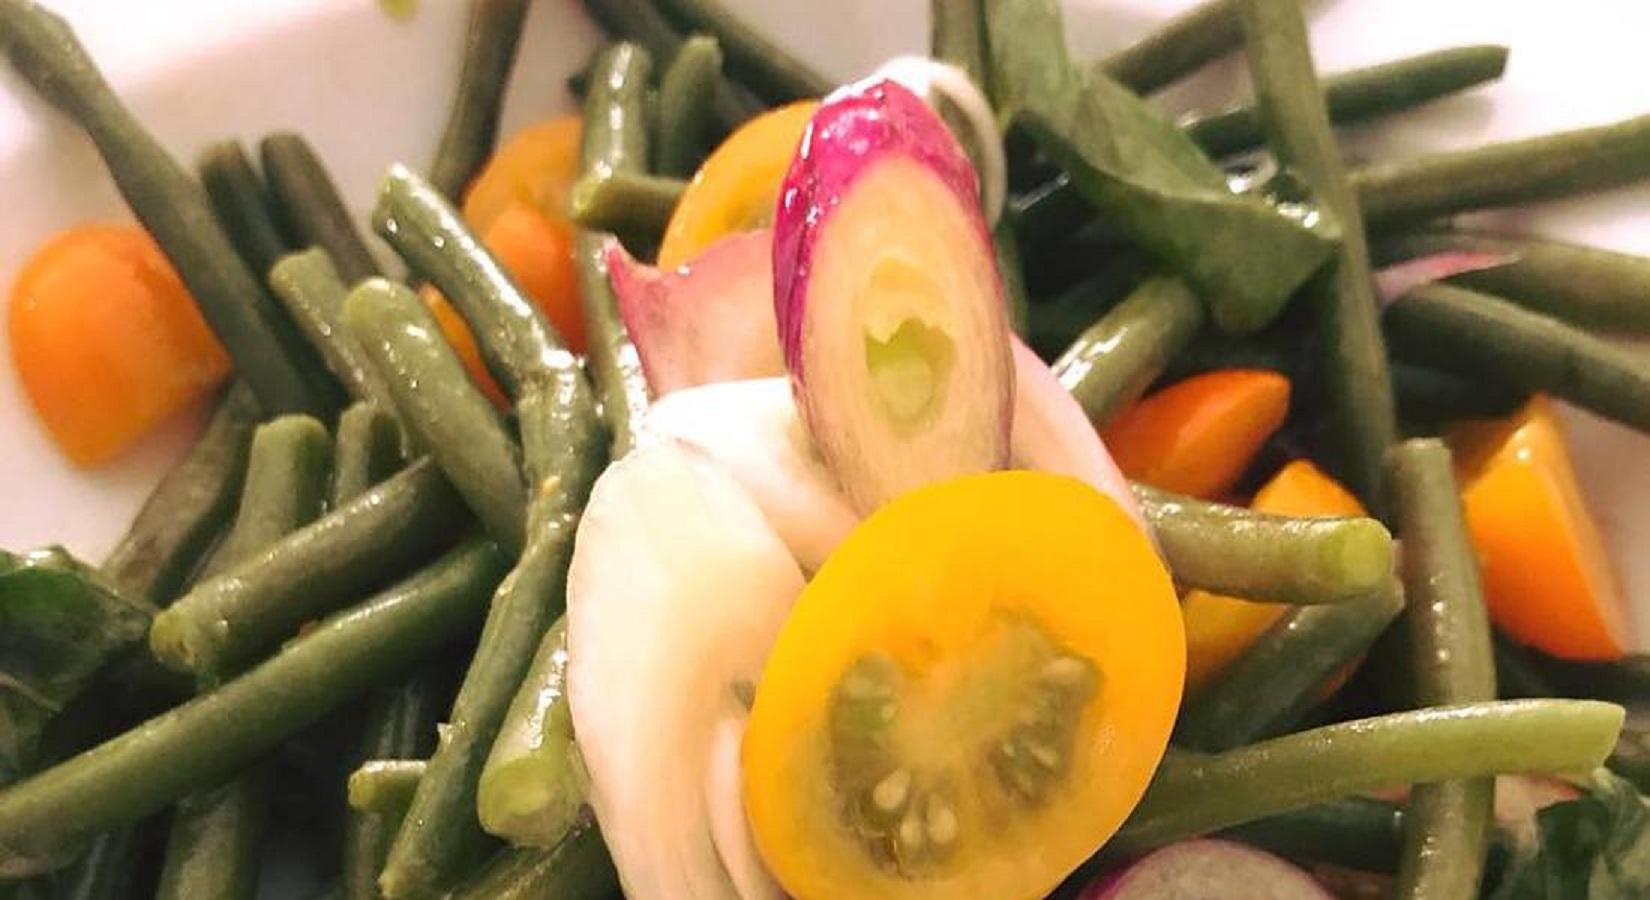 Cipolle e diabete: come mangiarle per non alzare la glicemia